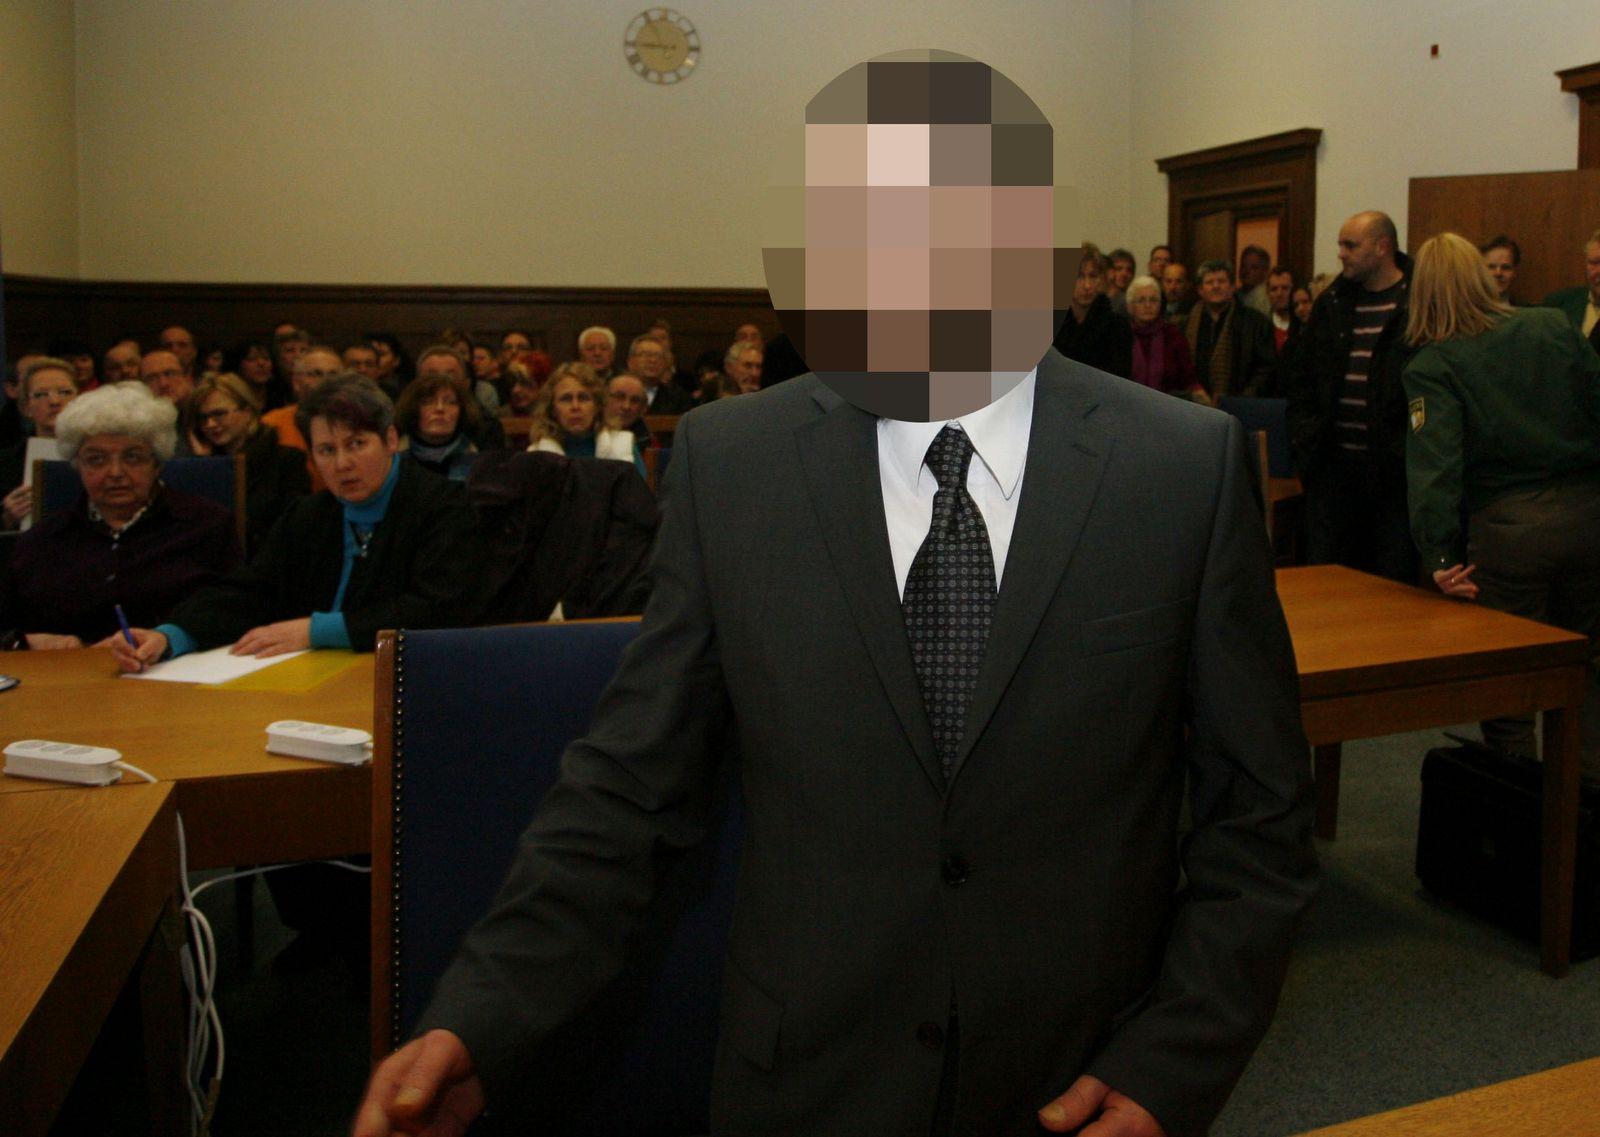 NICHT VERWENDEN Urteil / Tiefgaragen-Mord